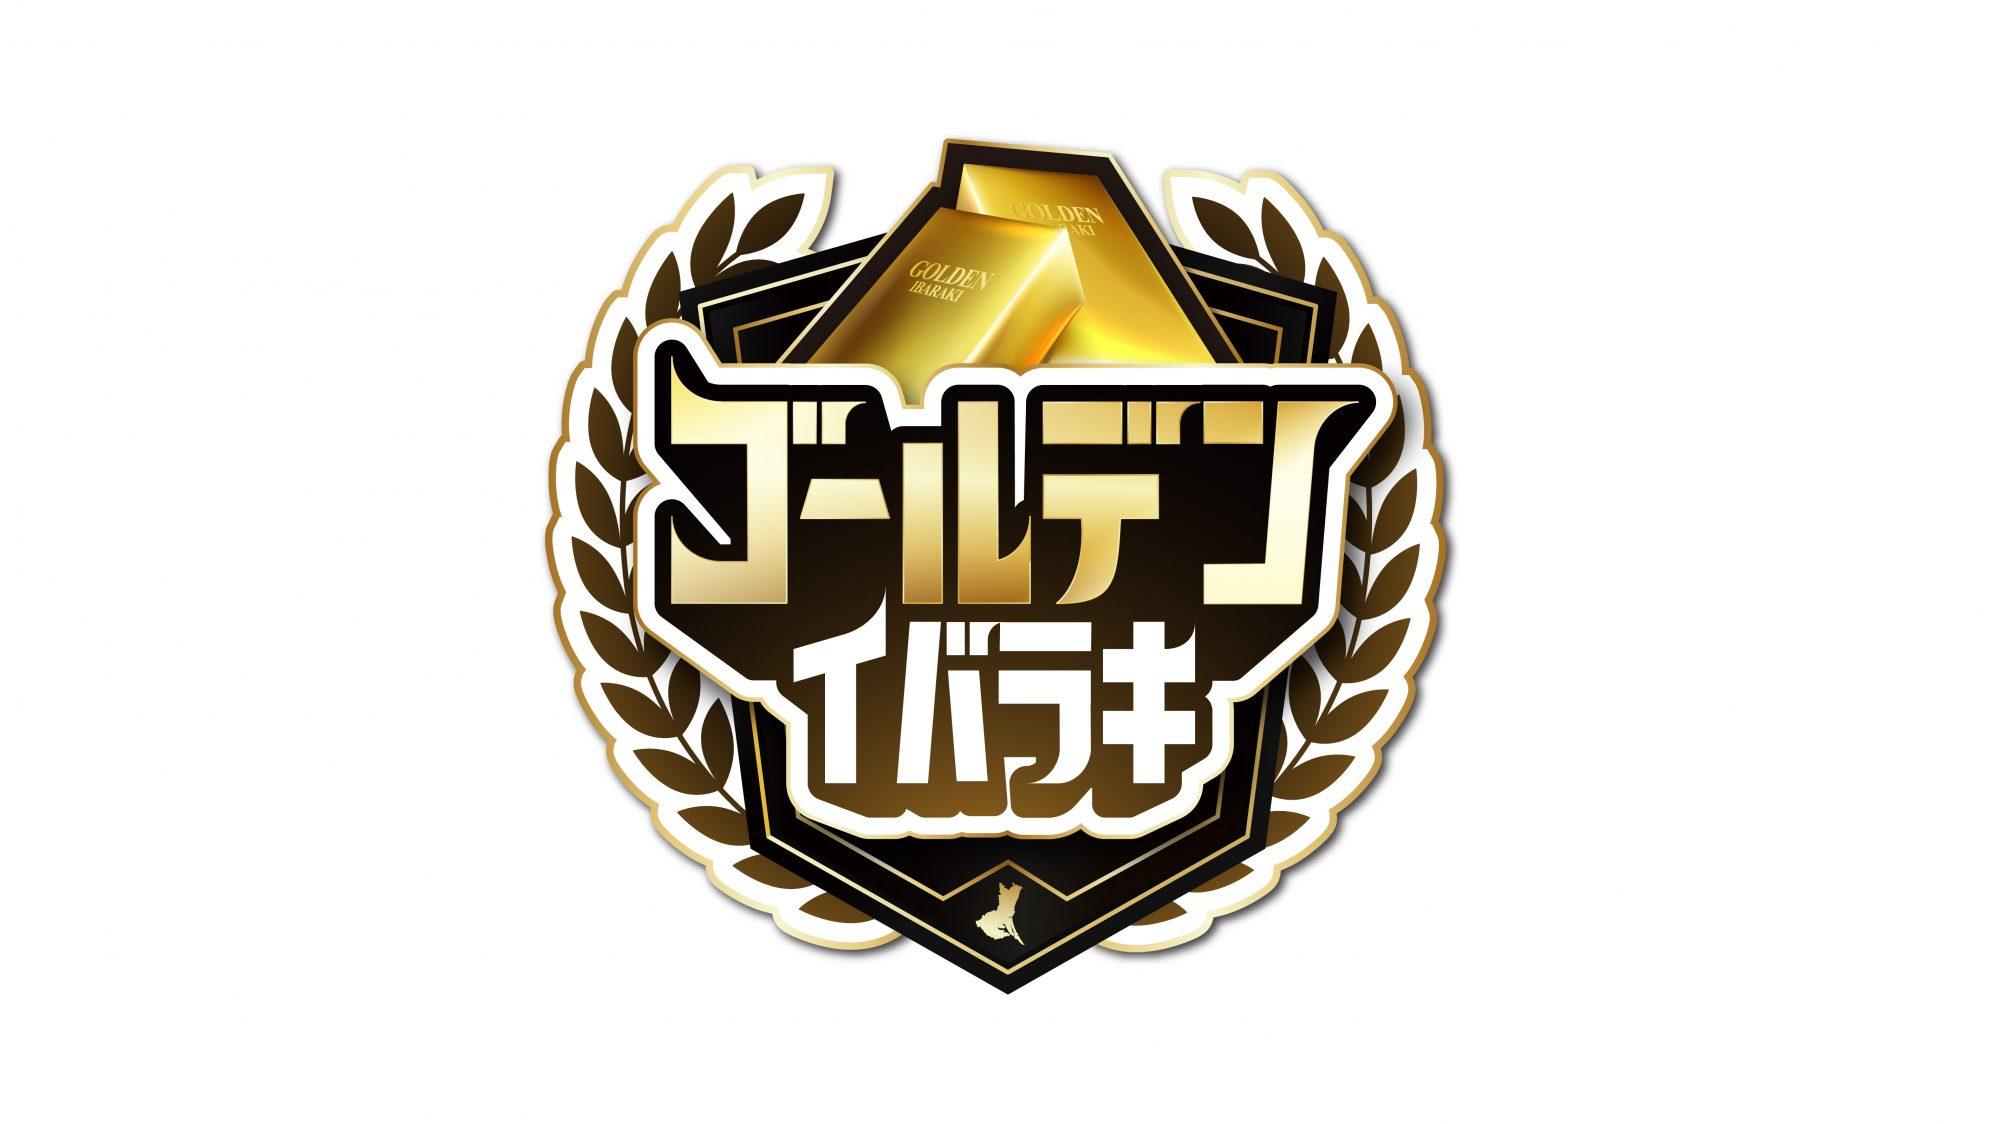 ラジオ番組「ゴールデンイバラキ」が4月10日より放送開始